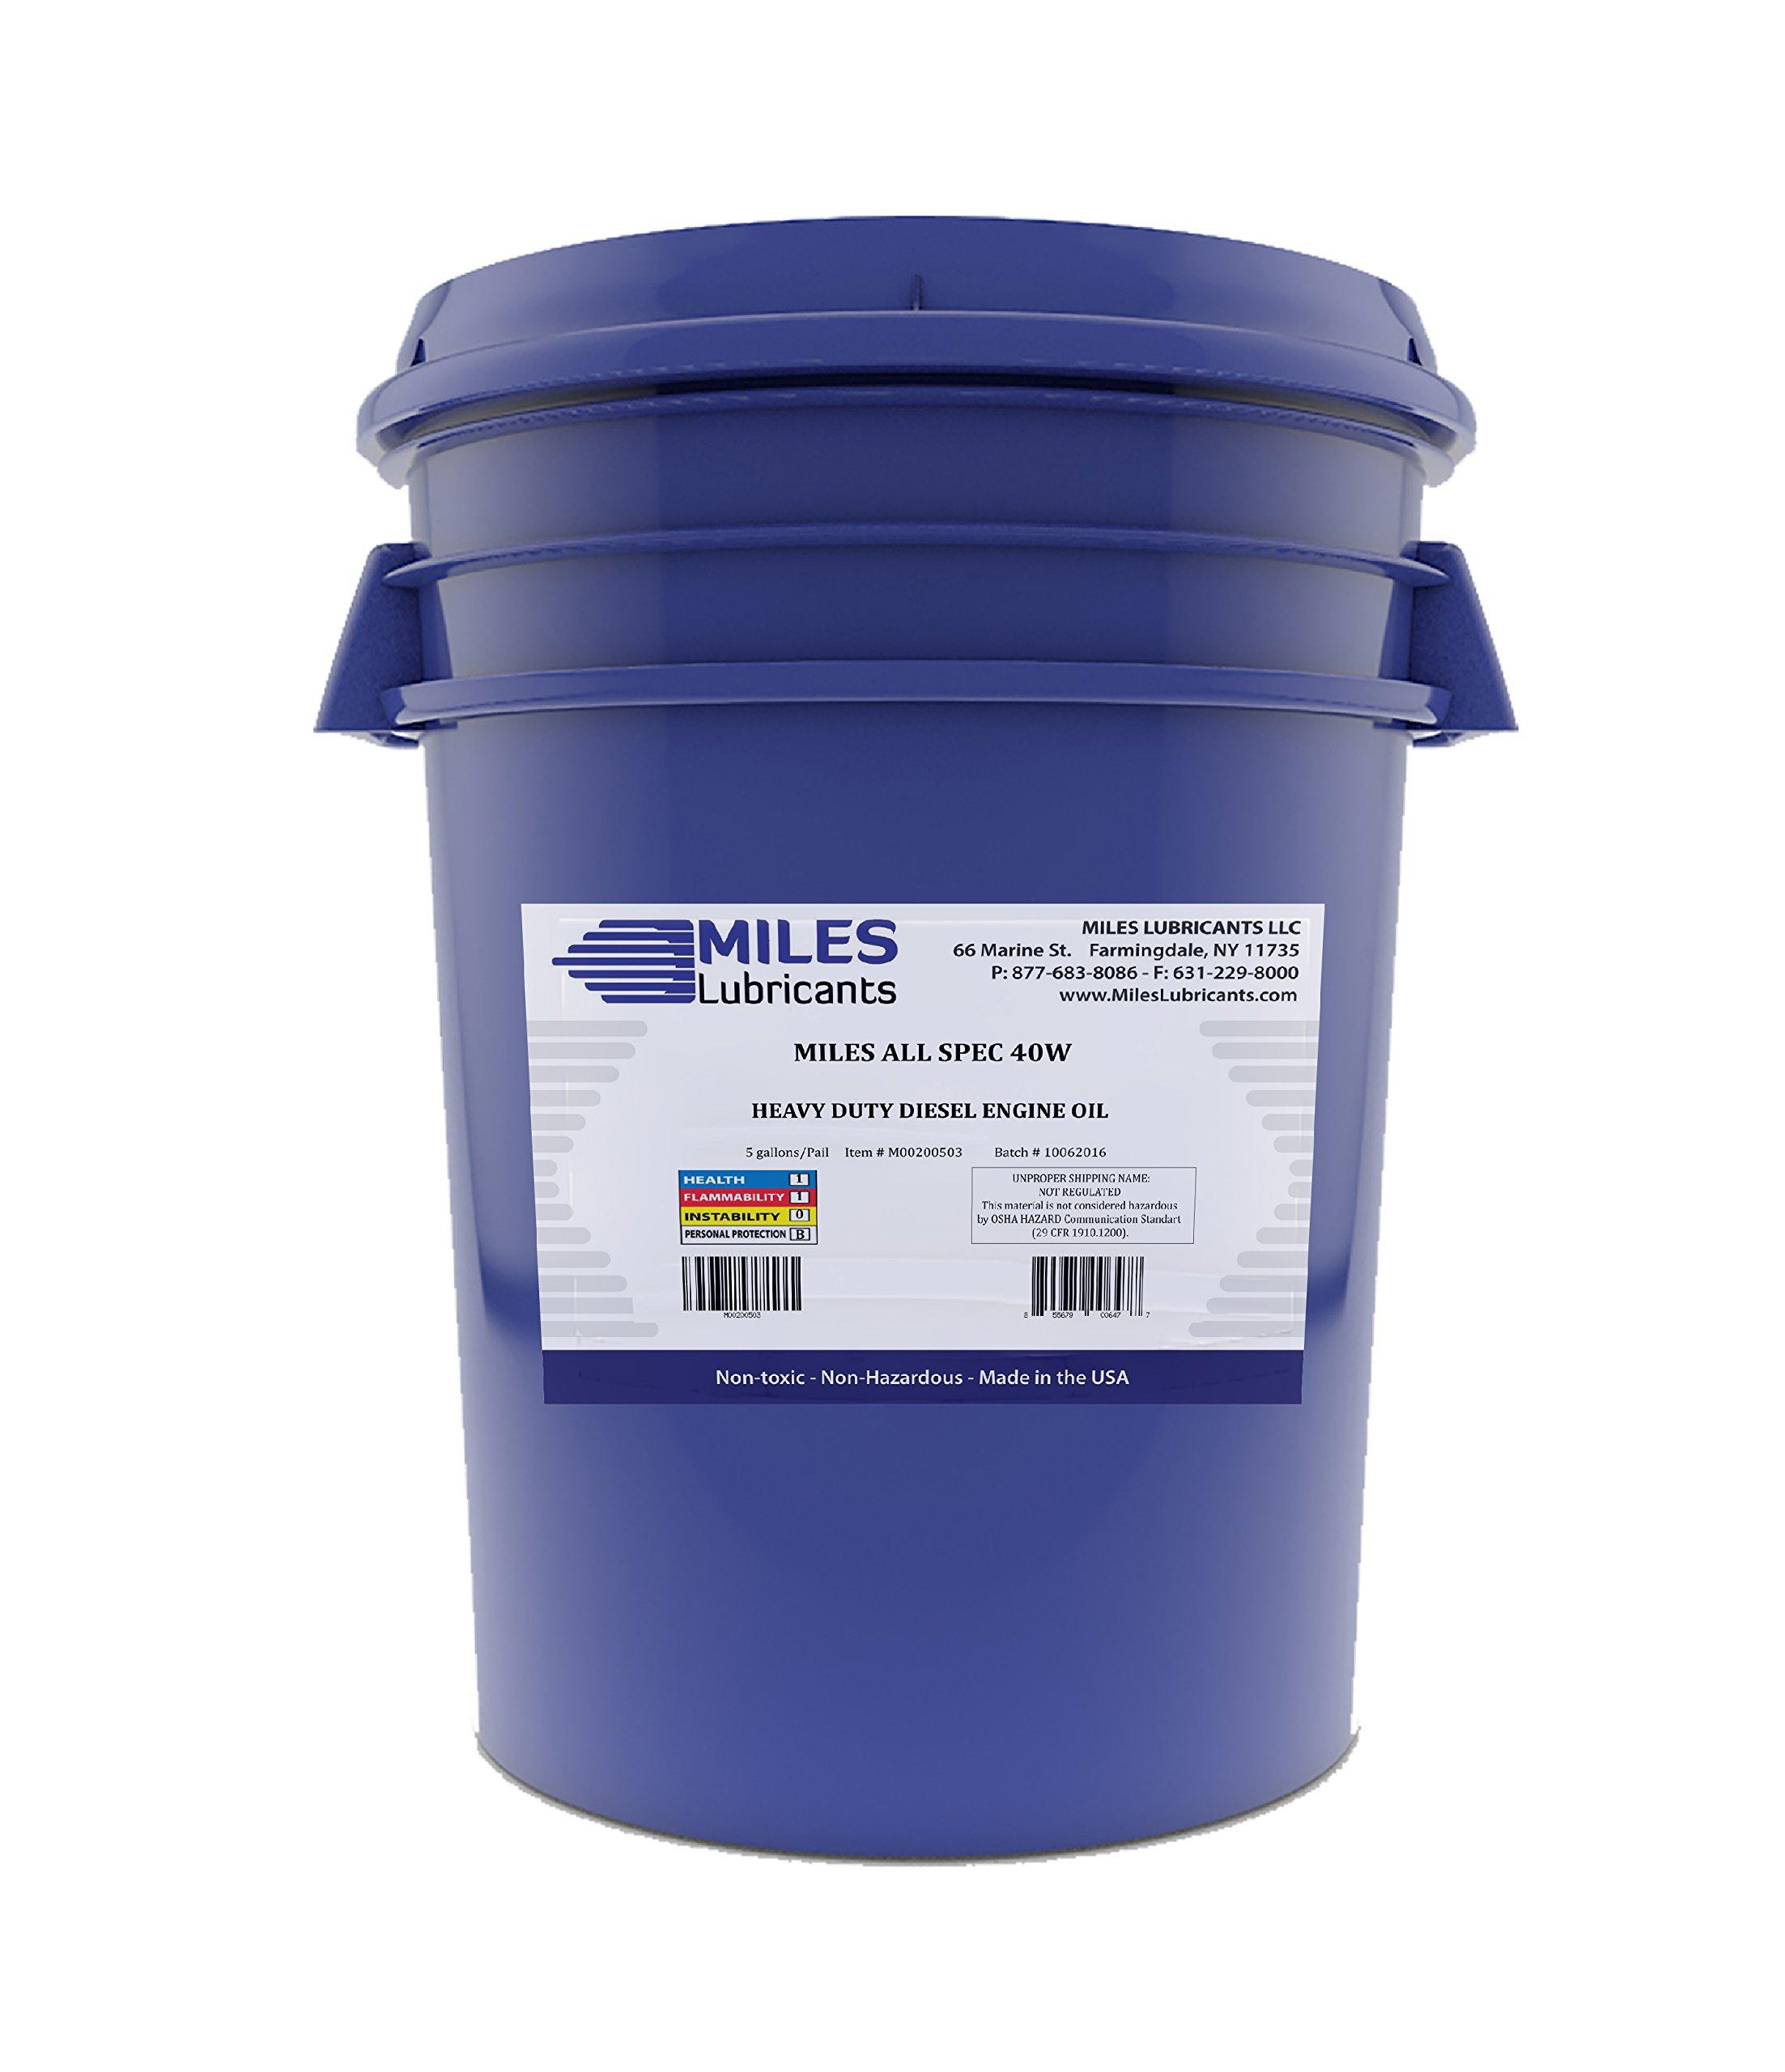 MILES LUBRICANTS All Spec 40W Heavy Duty Diesel Motor Oil 40W 5 Gallon Pail (M00200503)